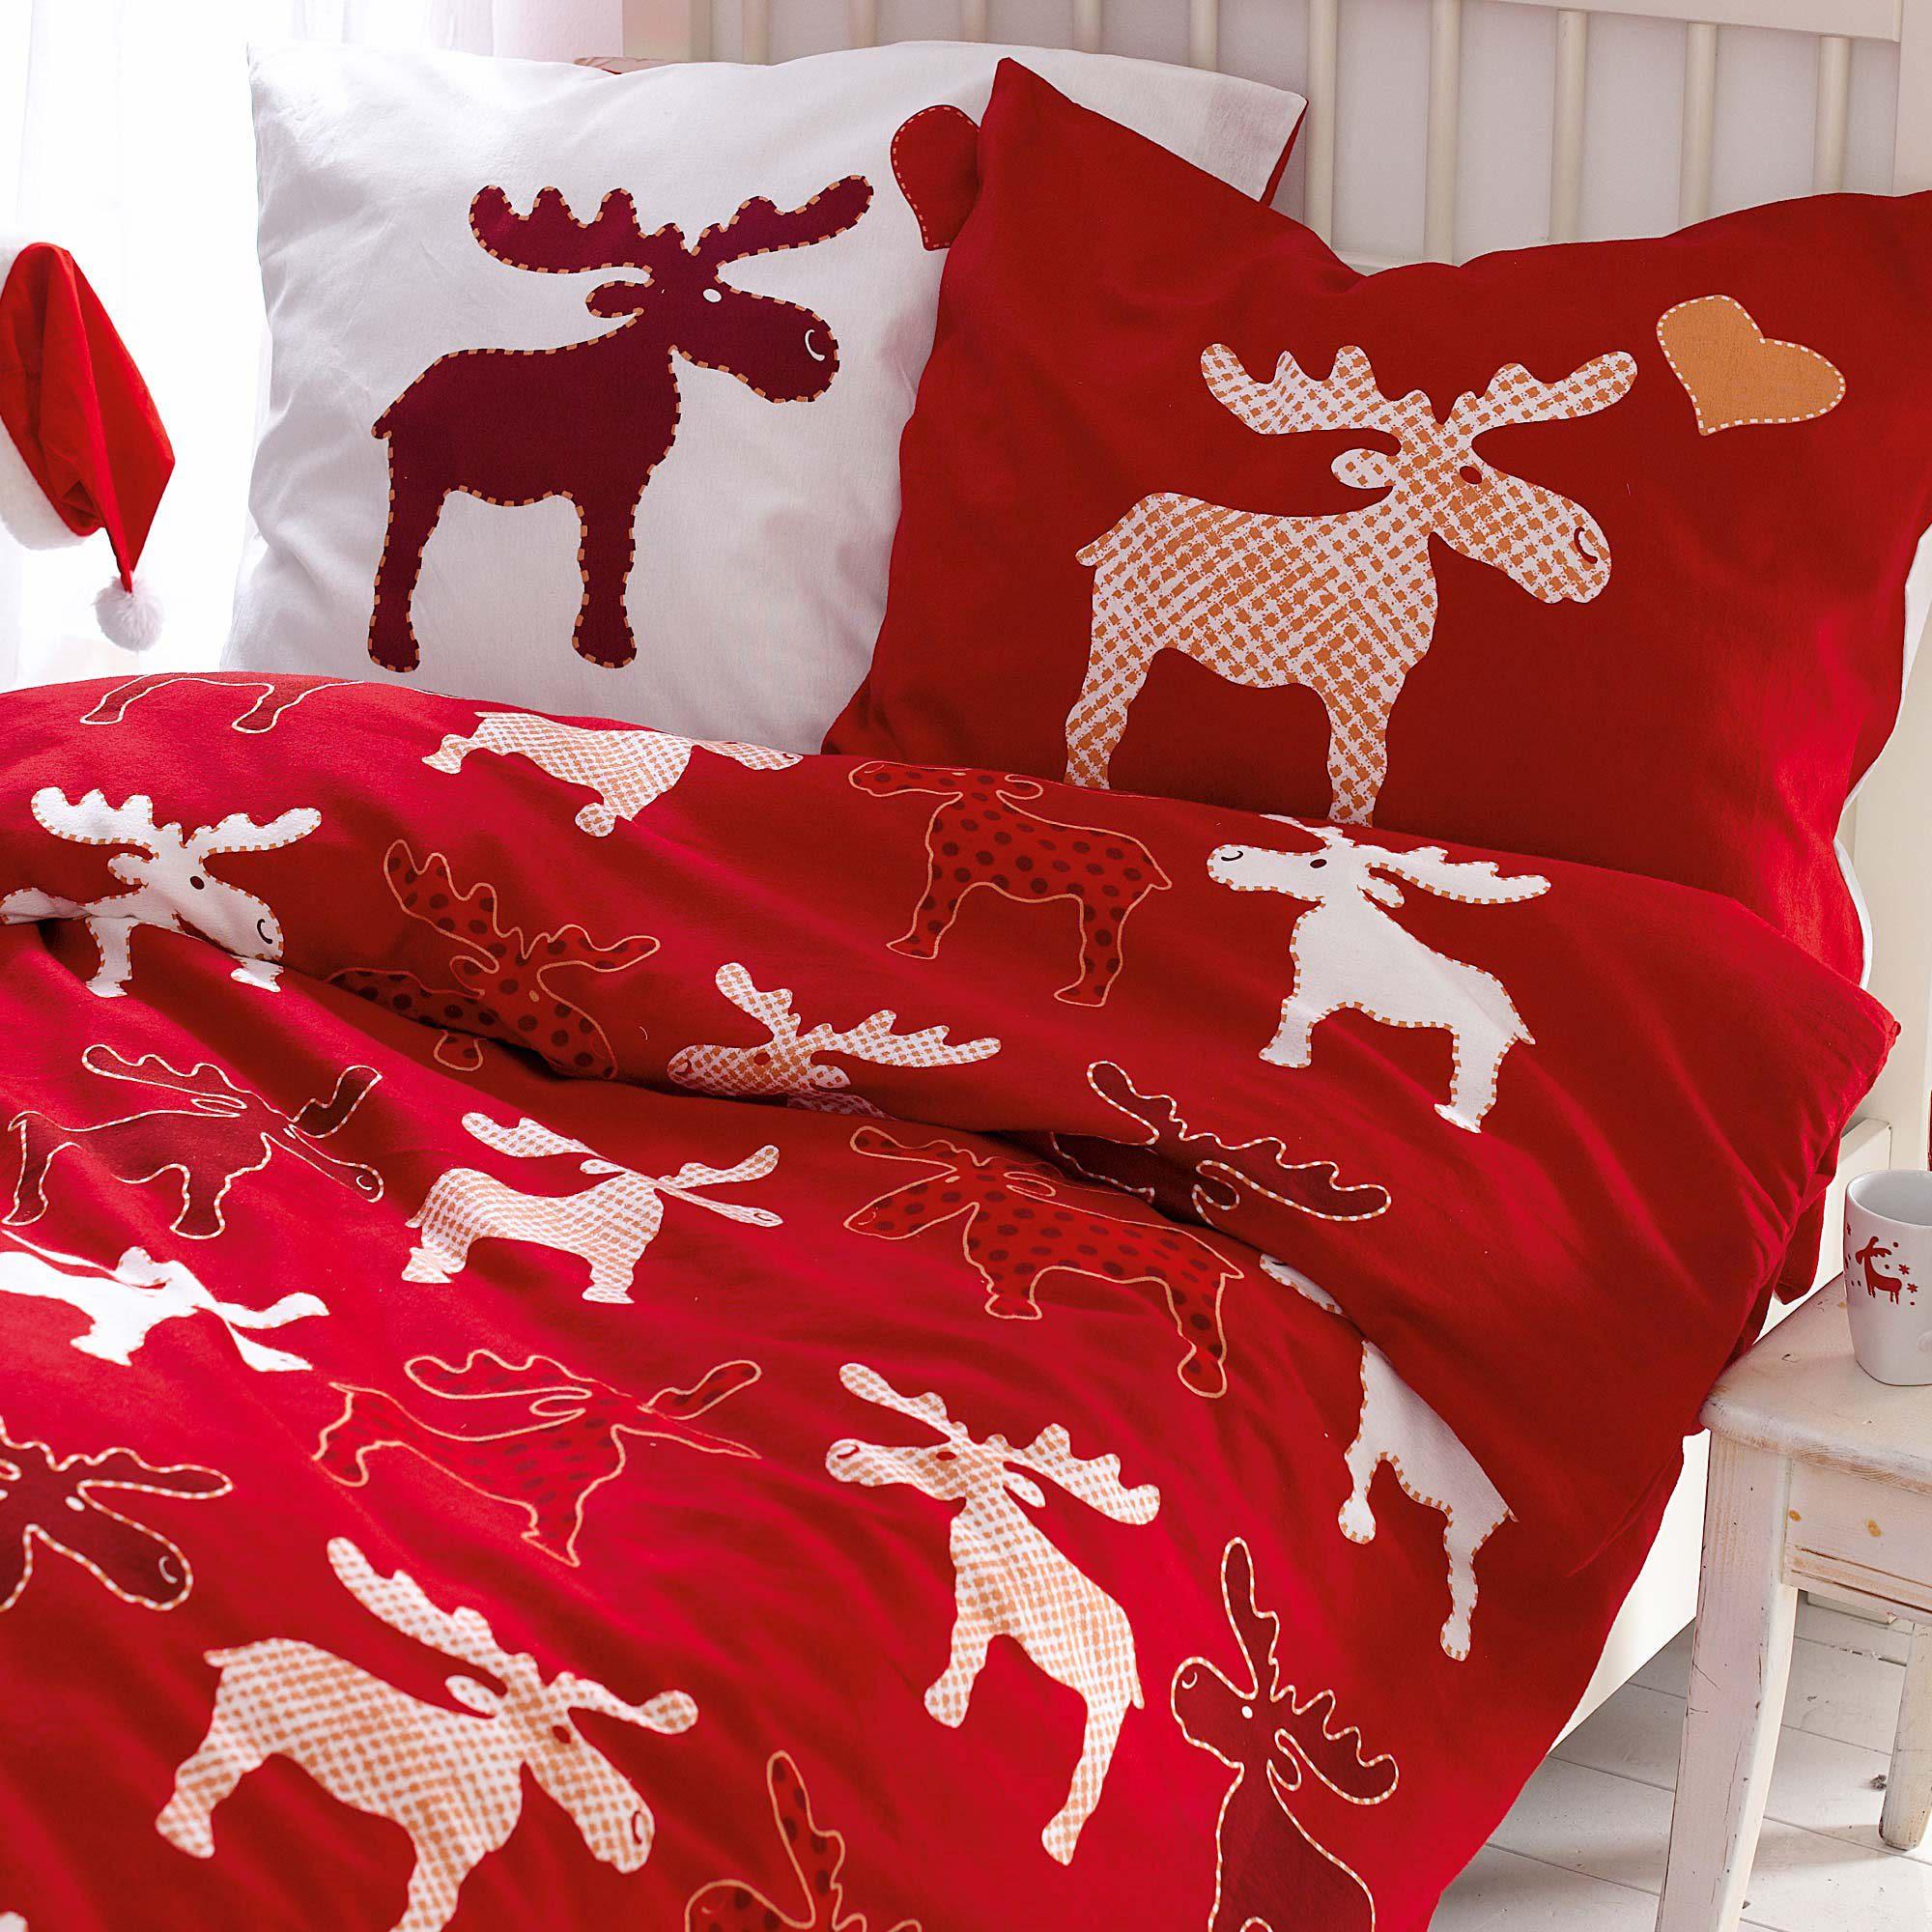 bettw sche elch my blog. Black Bedroom Furniture Sets. Home Design Ideas